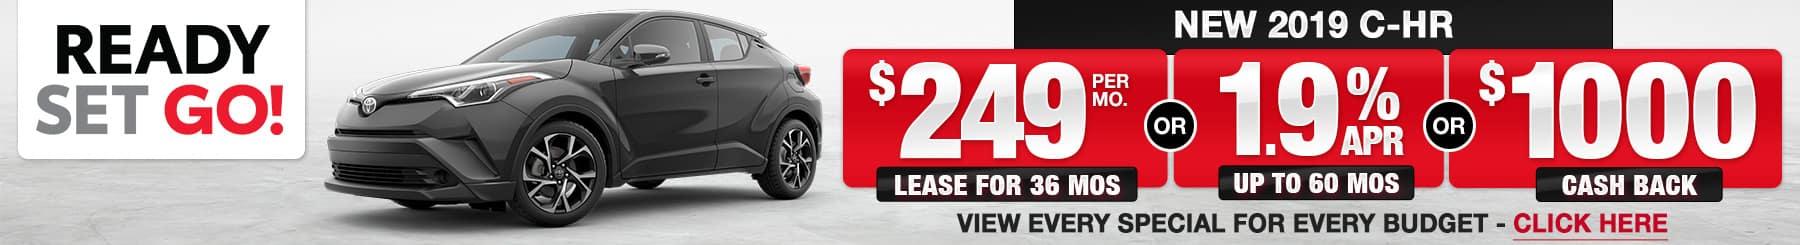 Toyota C-HR Lease Finance Specials